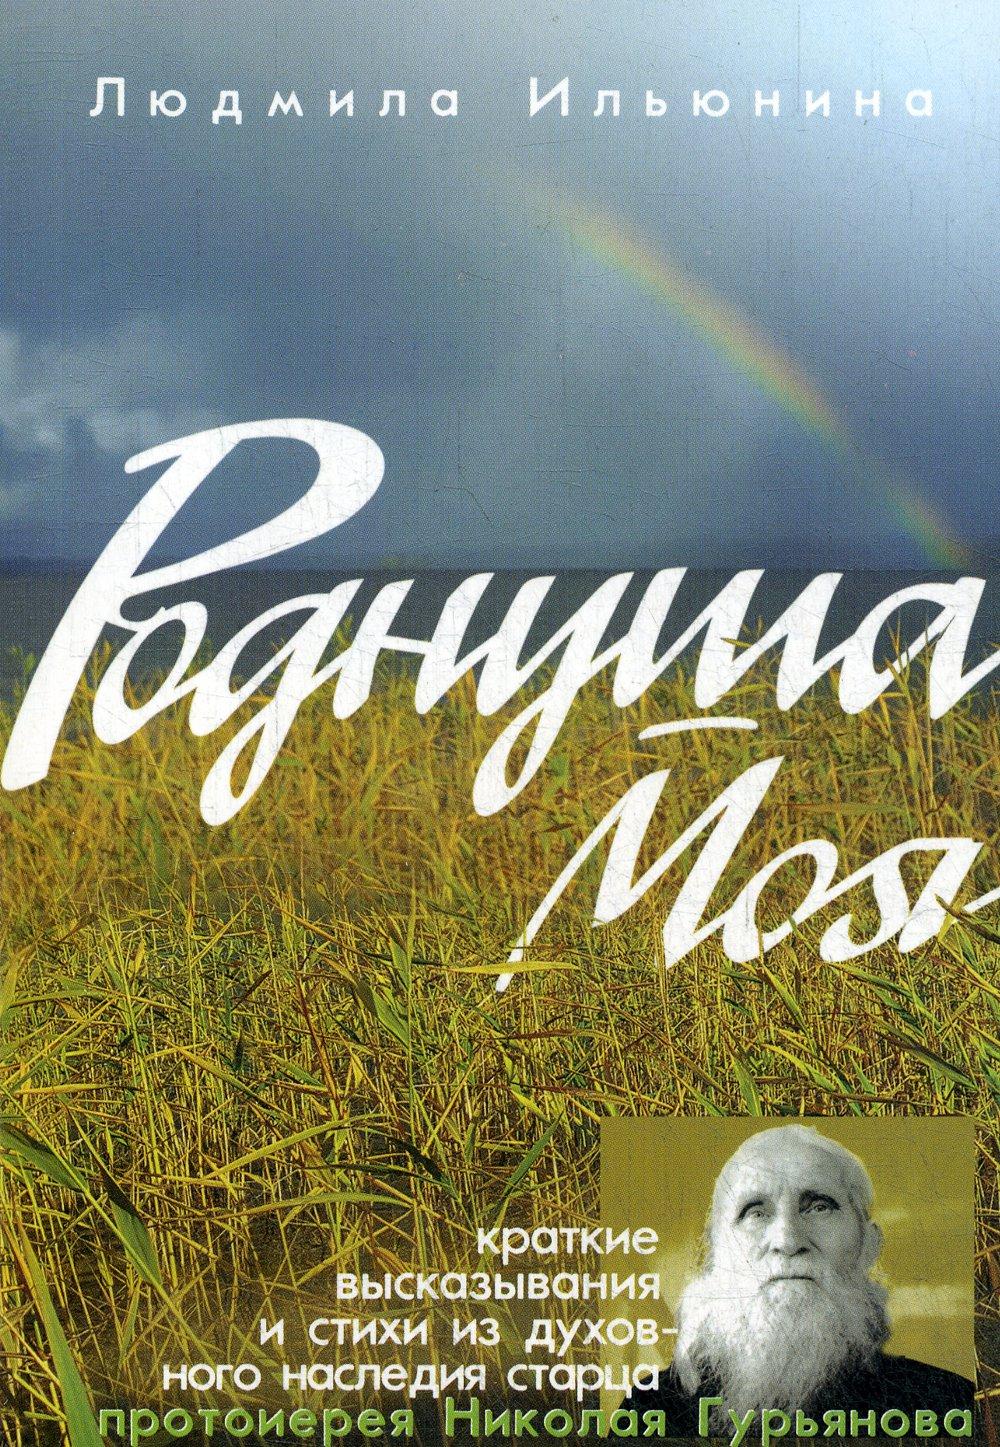 Роднуша моя: книга стихов старца Н. Гурьянова